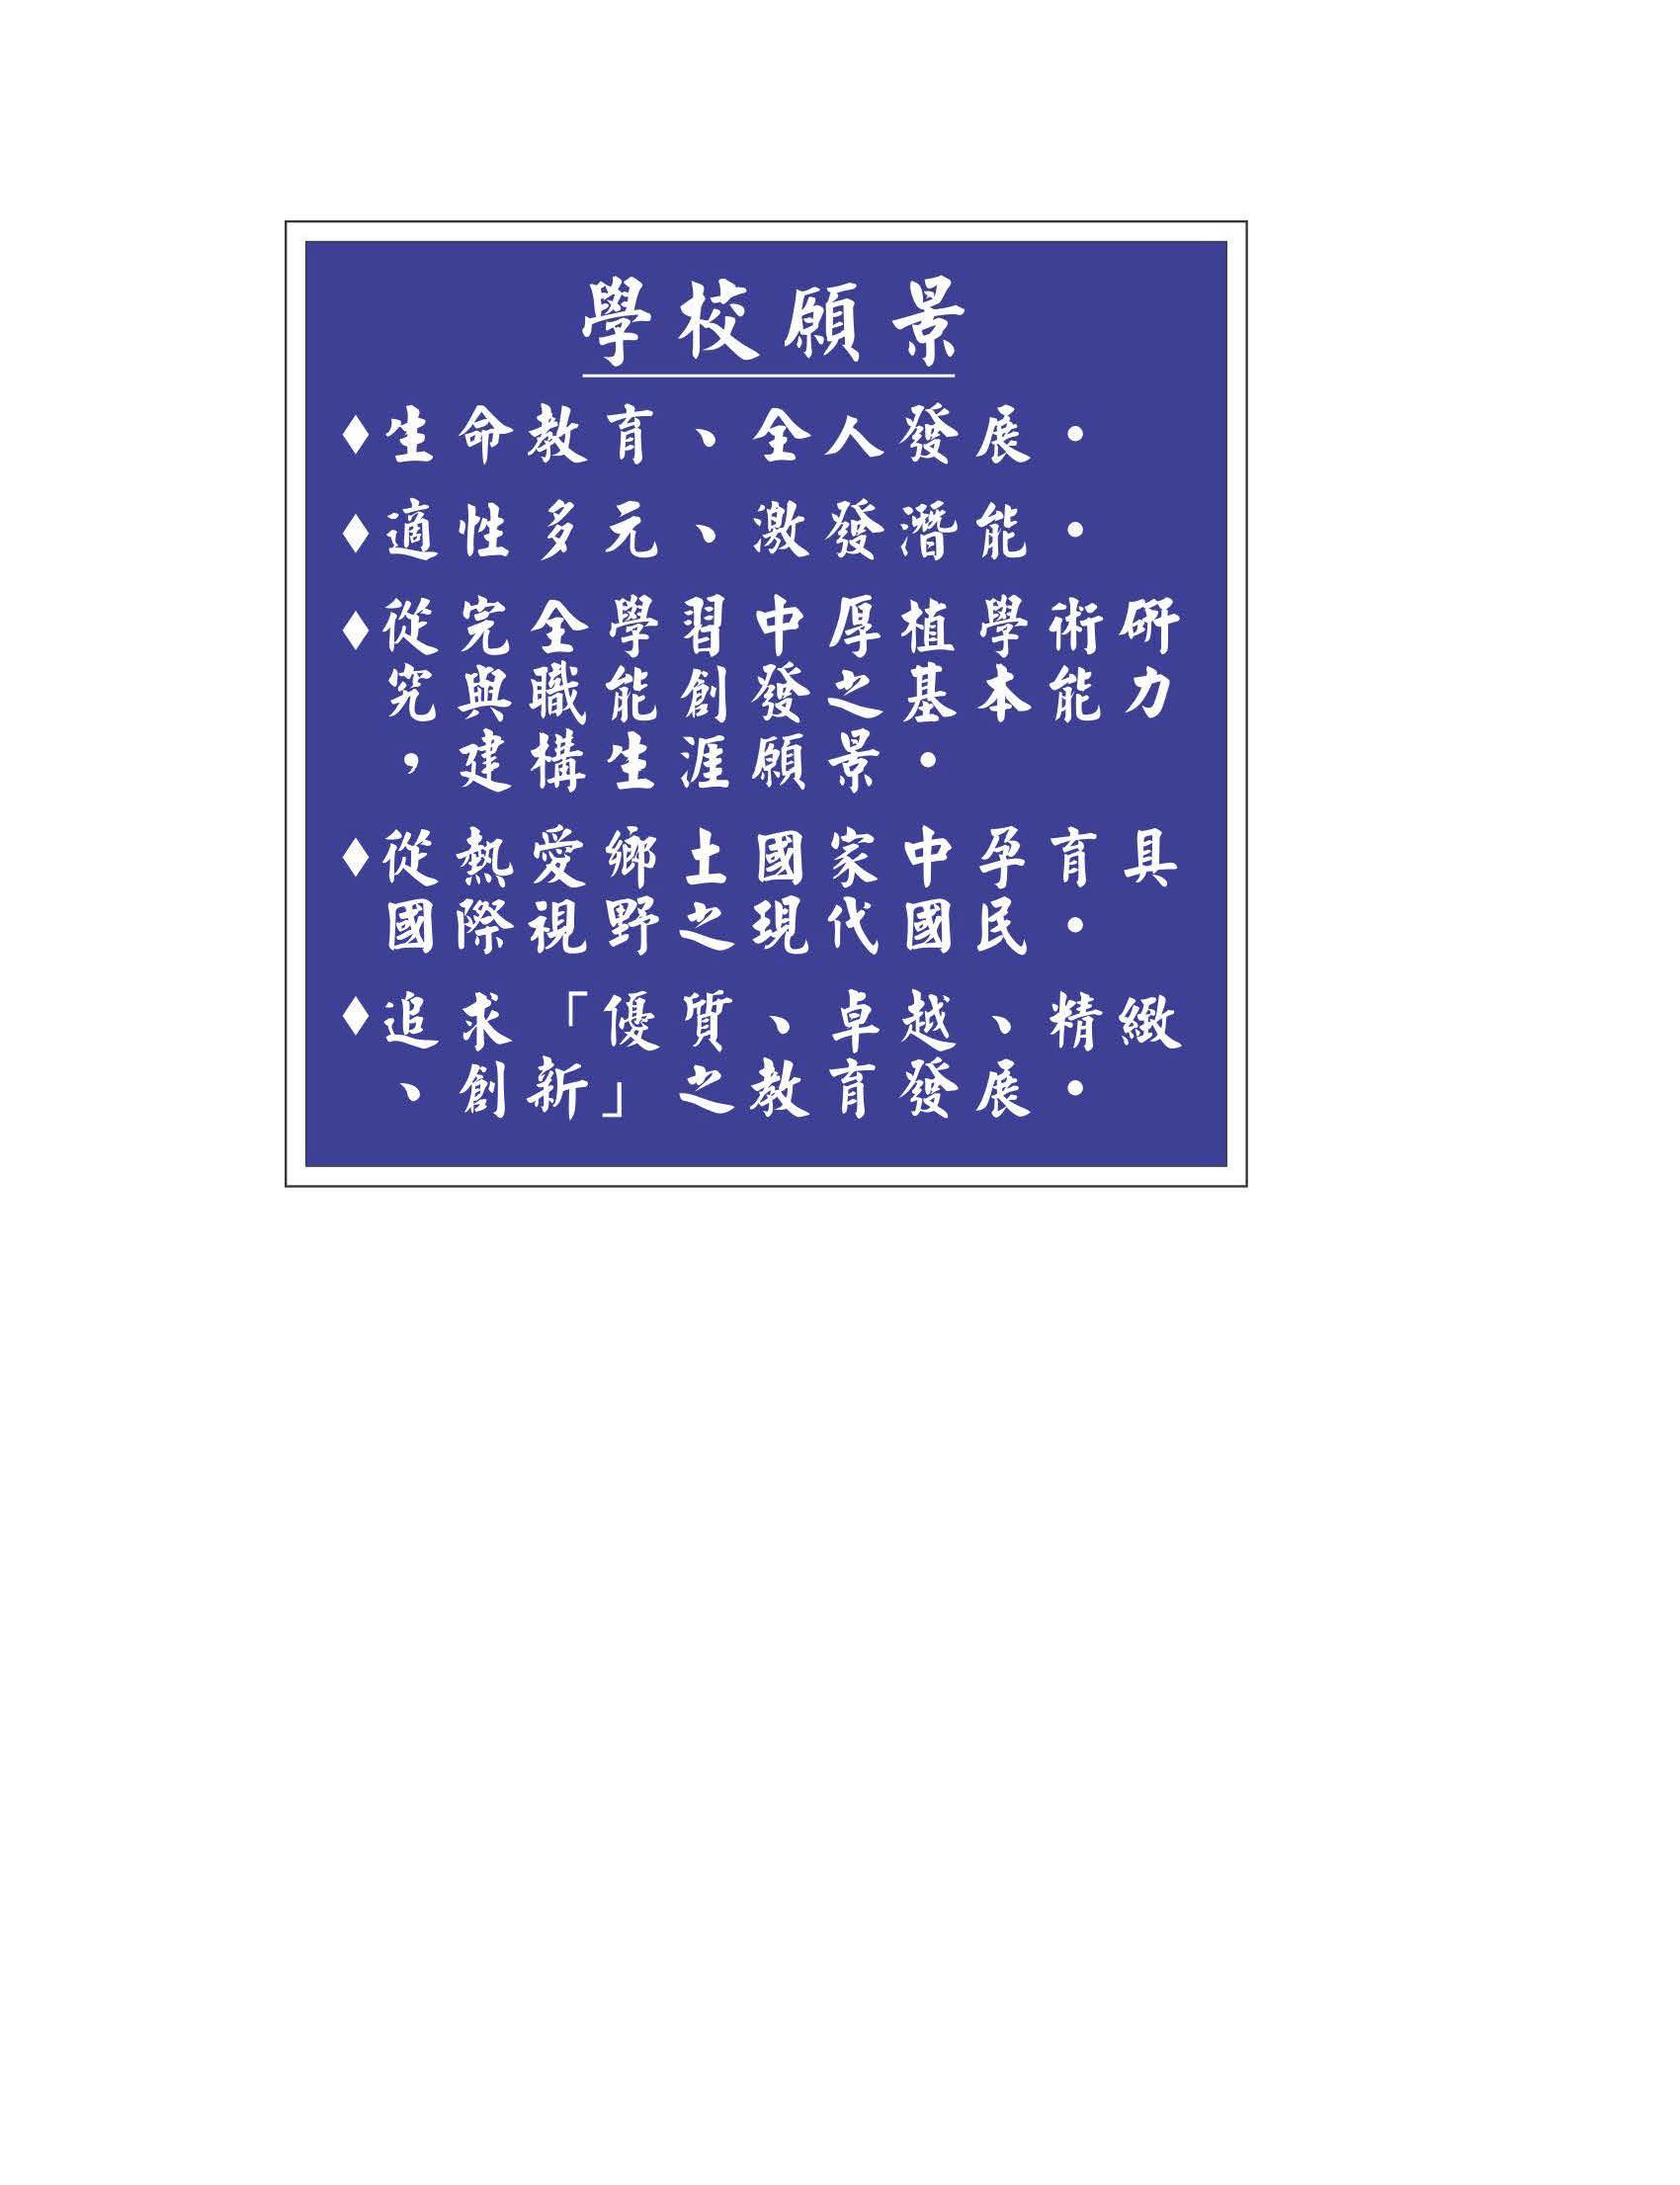 学校总体经营与实施策略-初稿_Page_3